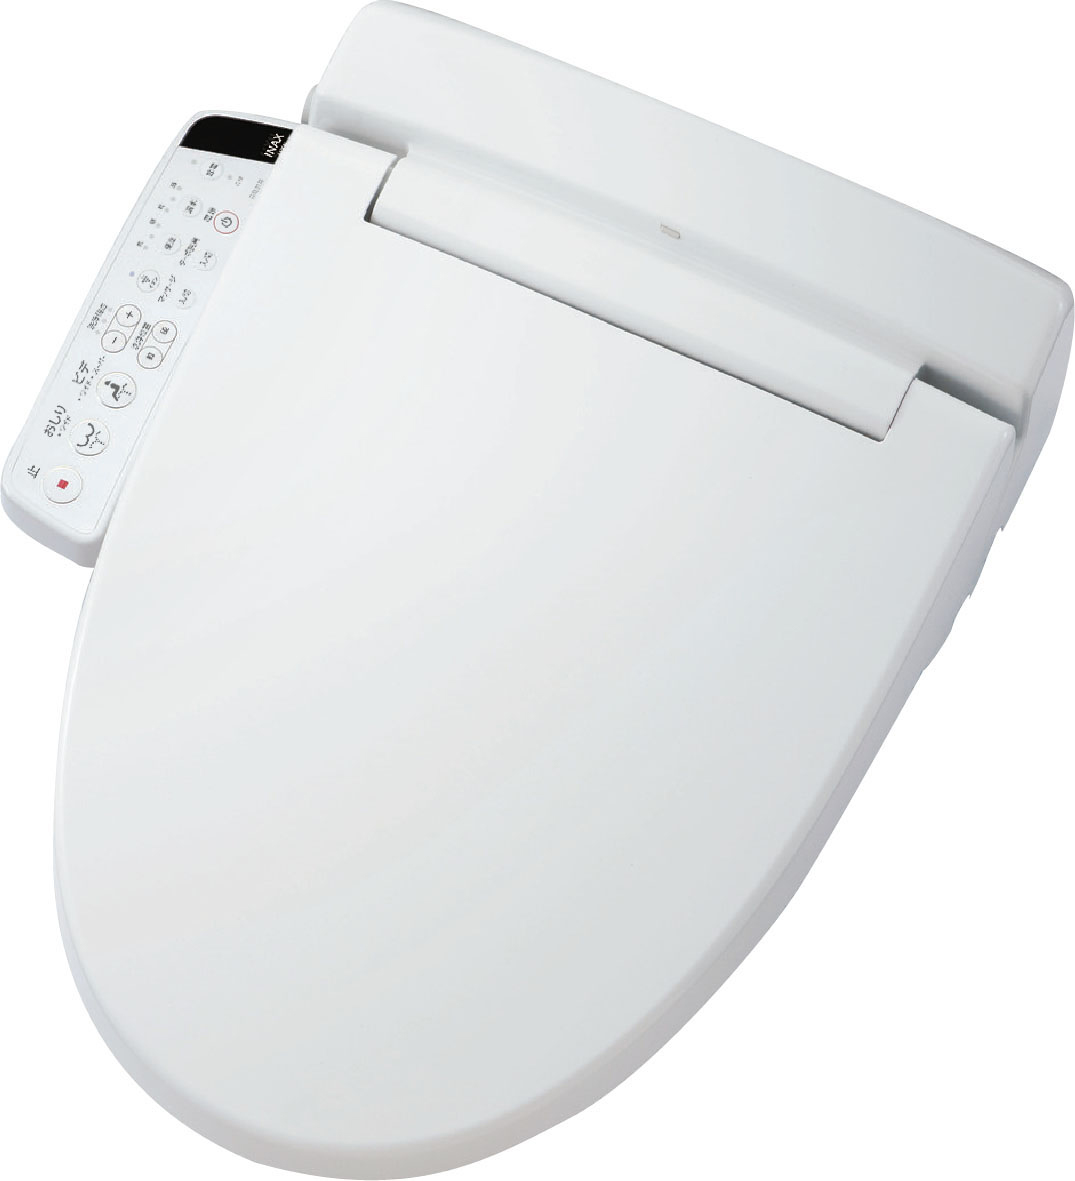 《あす楽》◆15時迄出荷OK!INAX シャワートイレKBシリーズ【CW-KB23】BW1ピュアホワイト フルオート/リモコン便器洗浄なし※リモコンなし